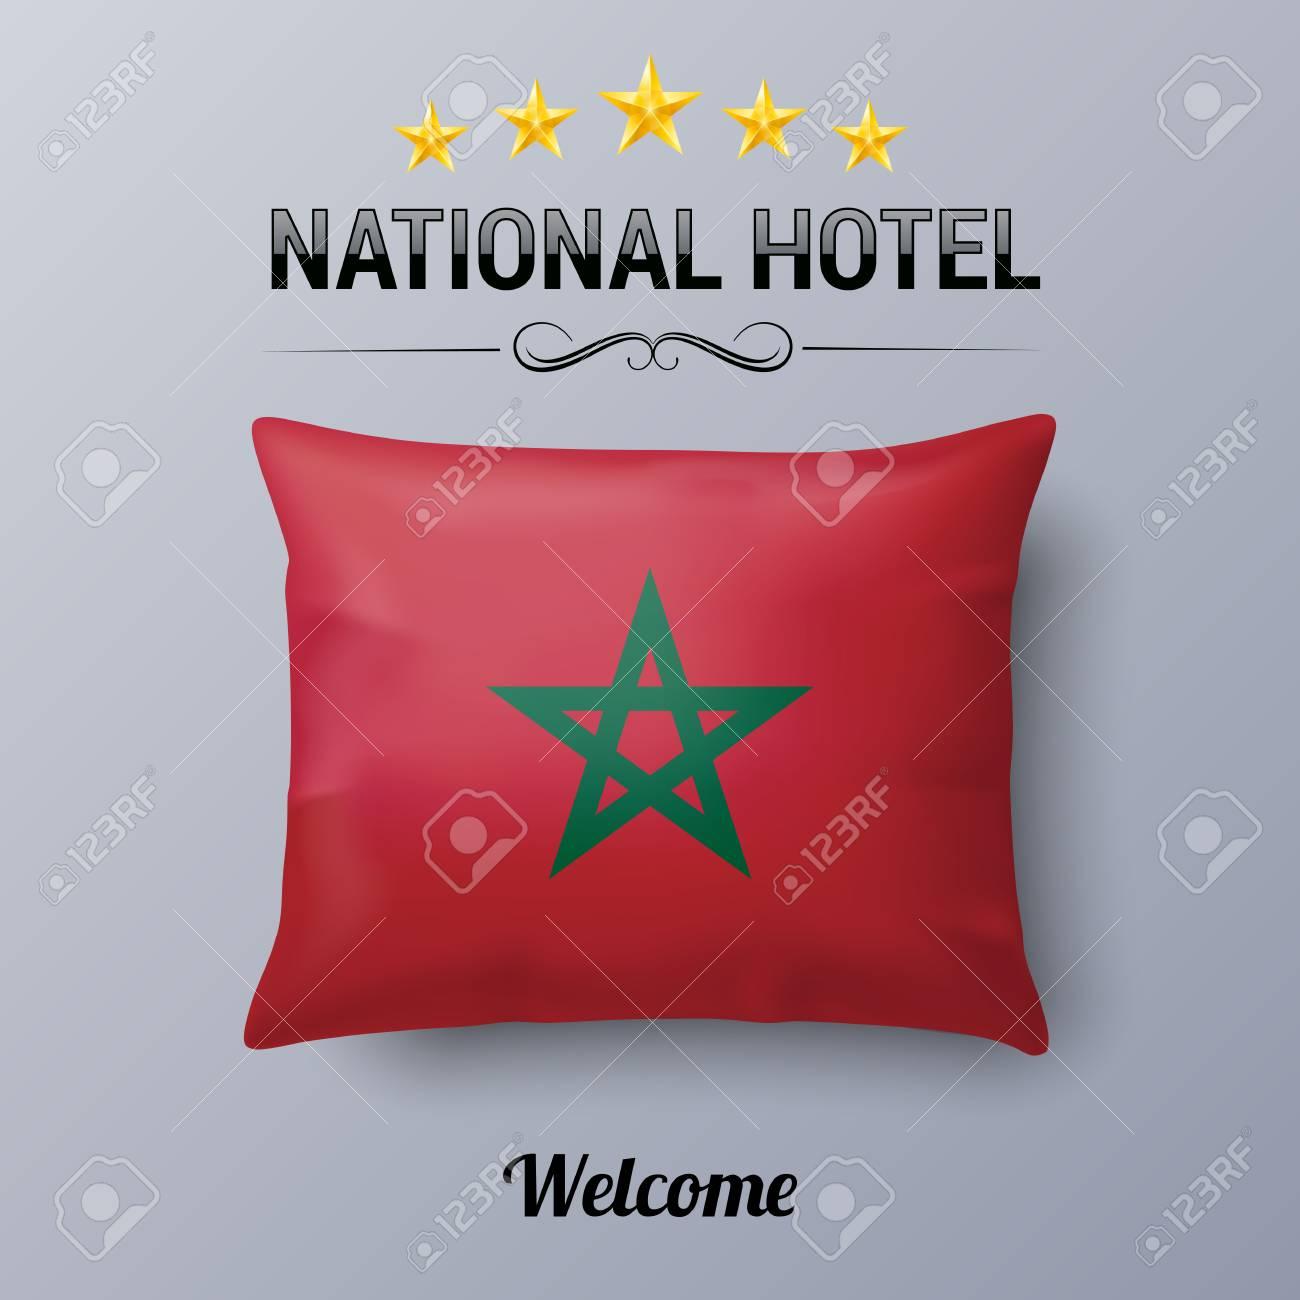 Oreiller Réaliste Et Drapeau Du Maroc Comme Symbole National Hotel